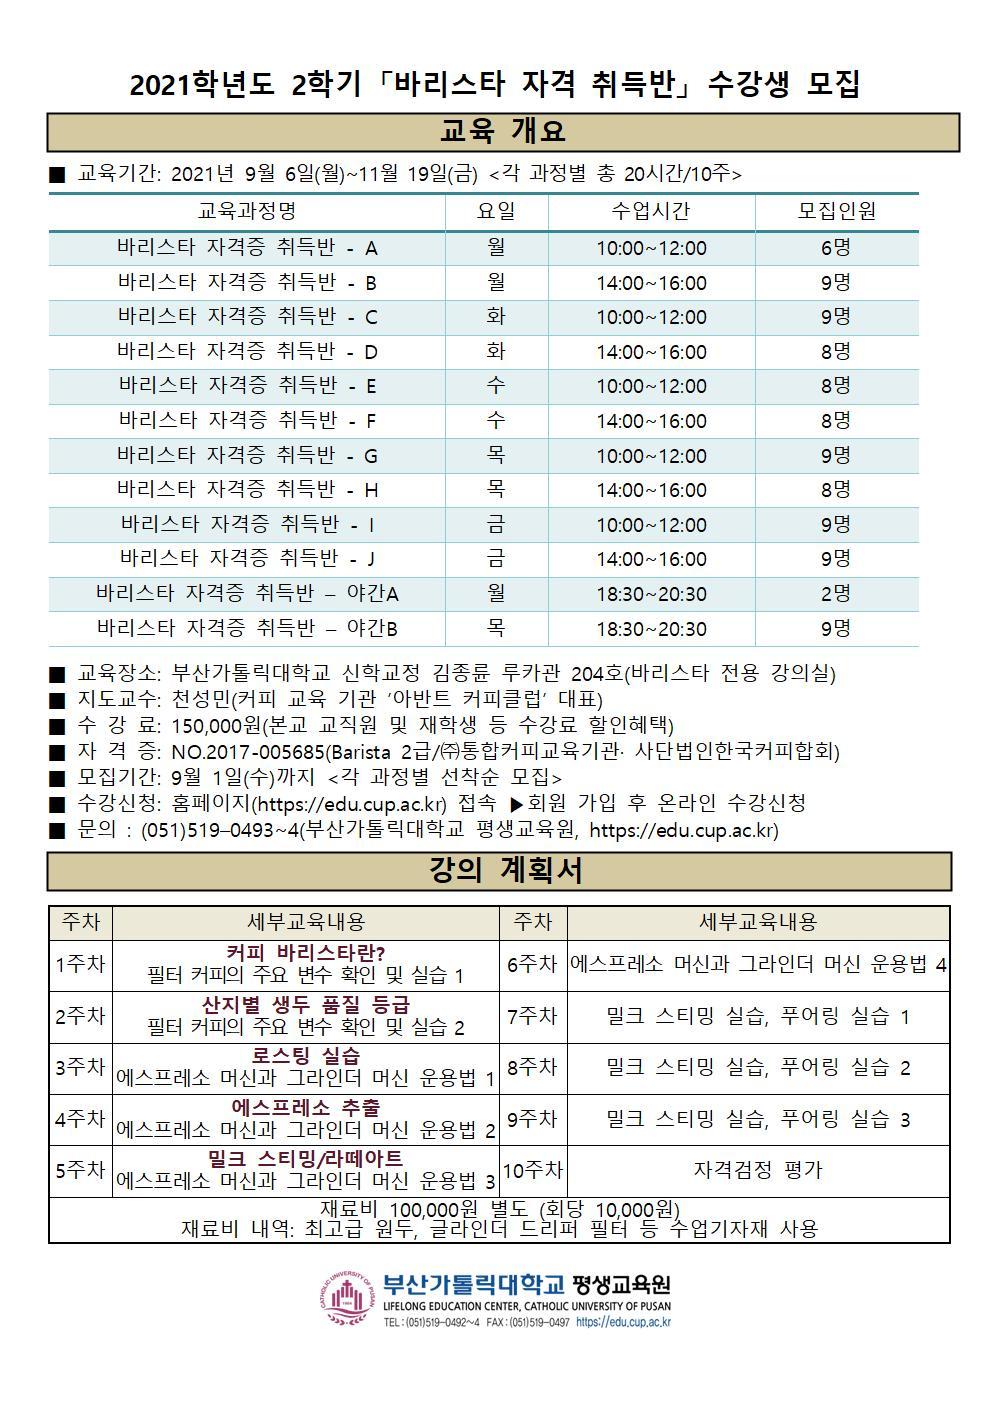 붙임1. 교육과정 홍보물(바리스타 자격취득반)001.jpg